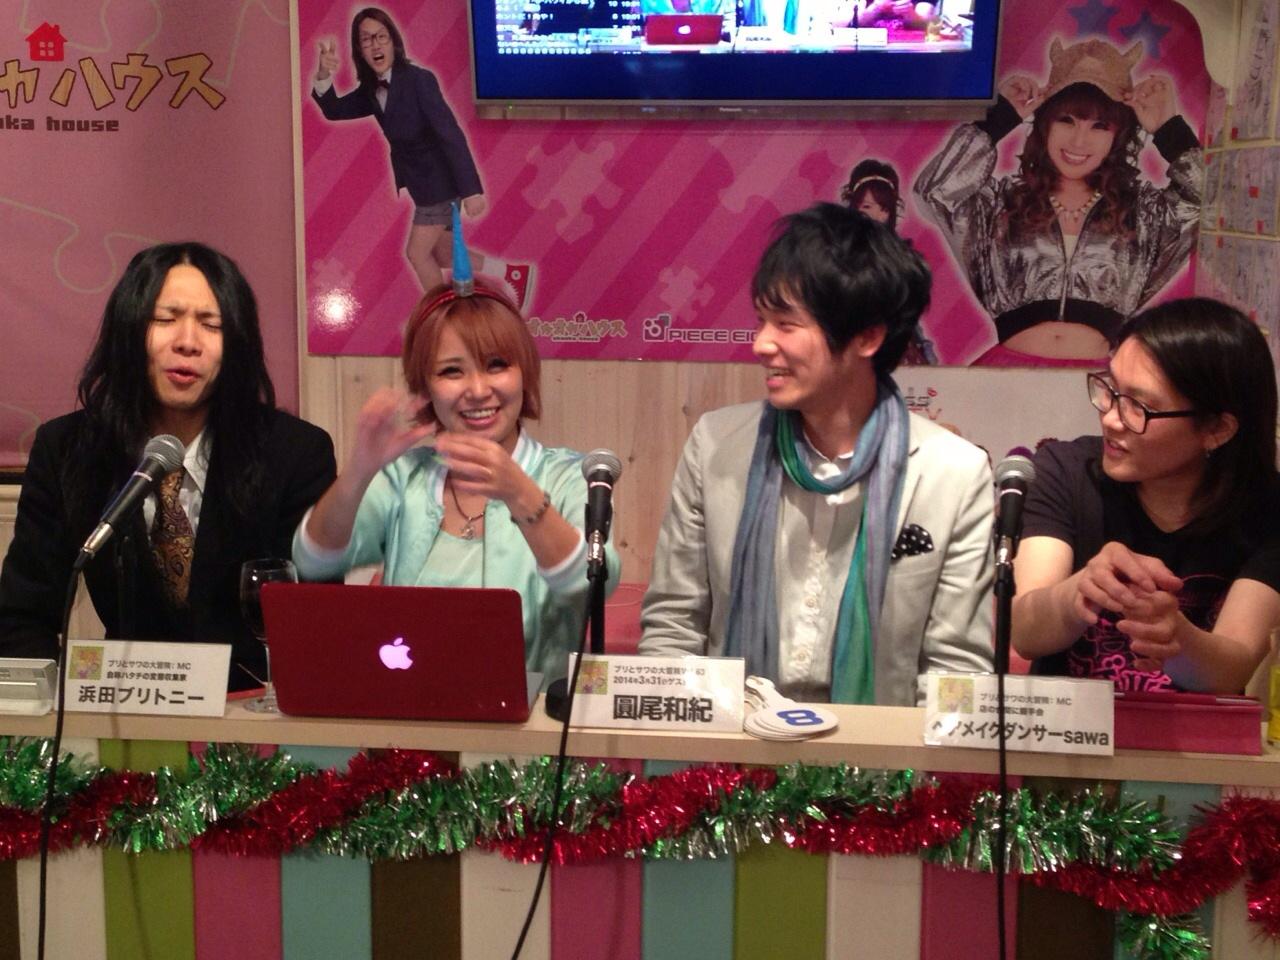 【日常】ニコ生放送 浜田ブリトニーさんの番組に出演しました!